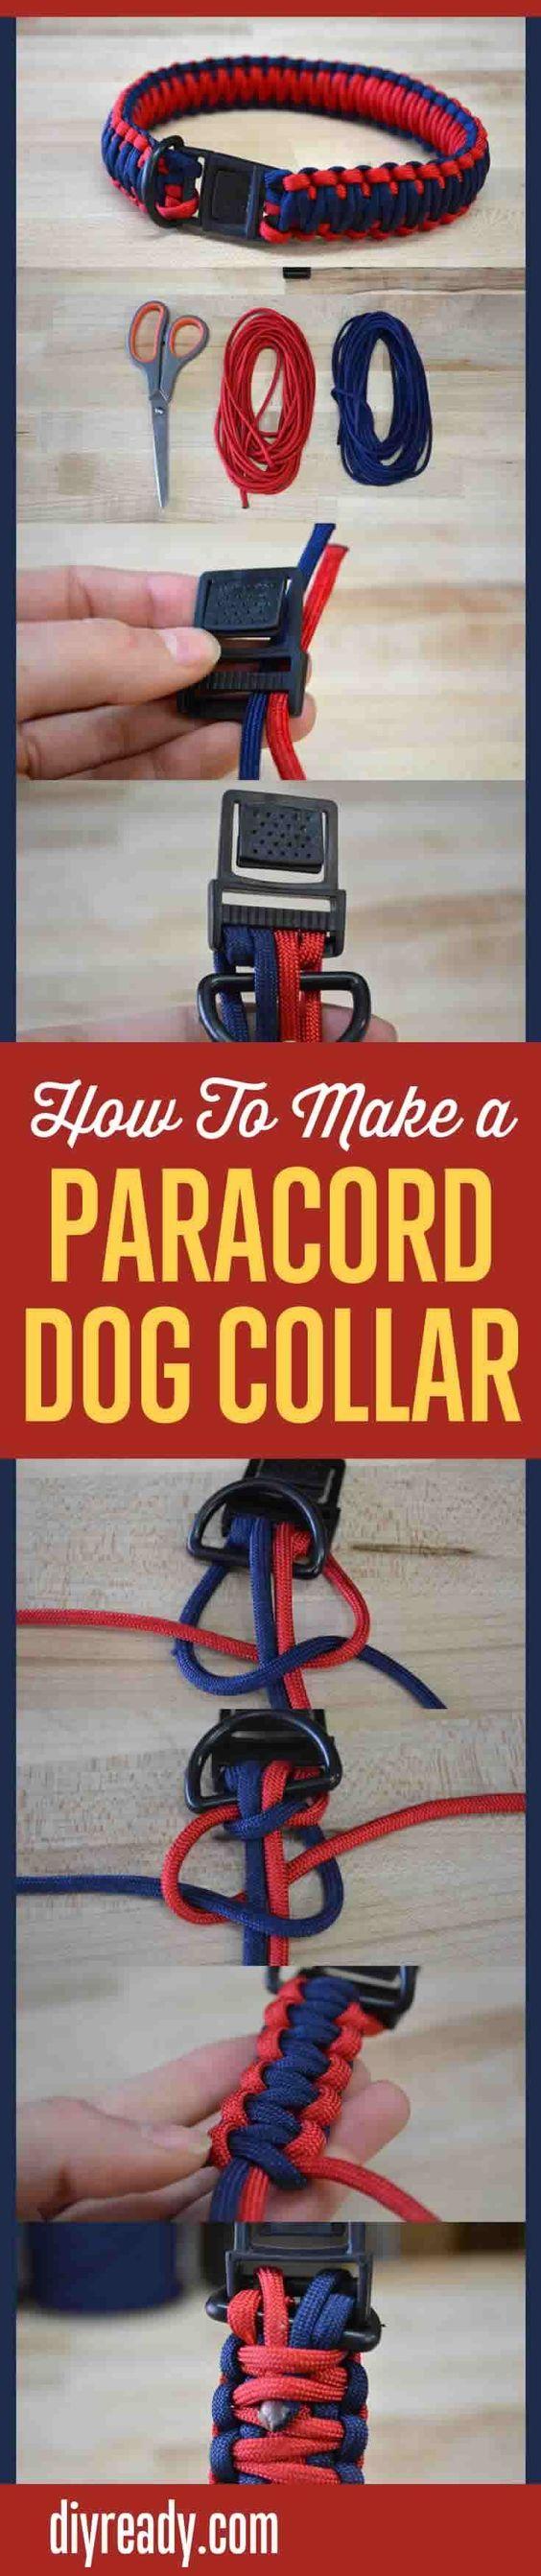 想学习如何制作paracord狗项圈?看一下这个!我们向您展示如何制作约40英尺550 paracord的最终狗项圈。